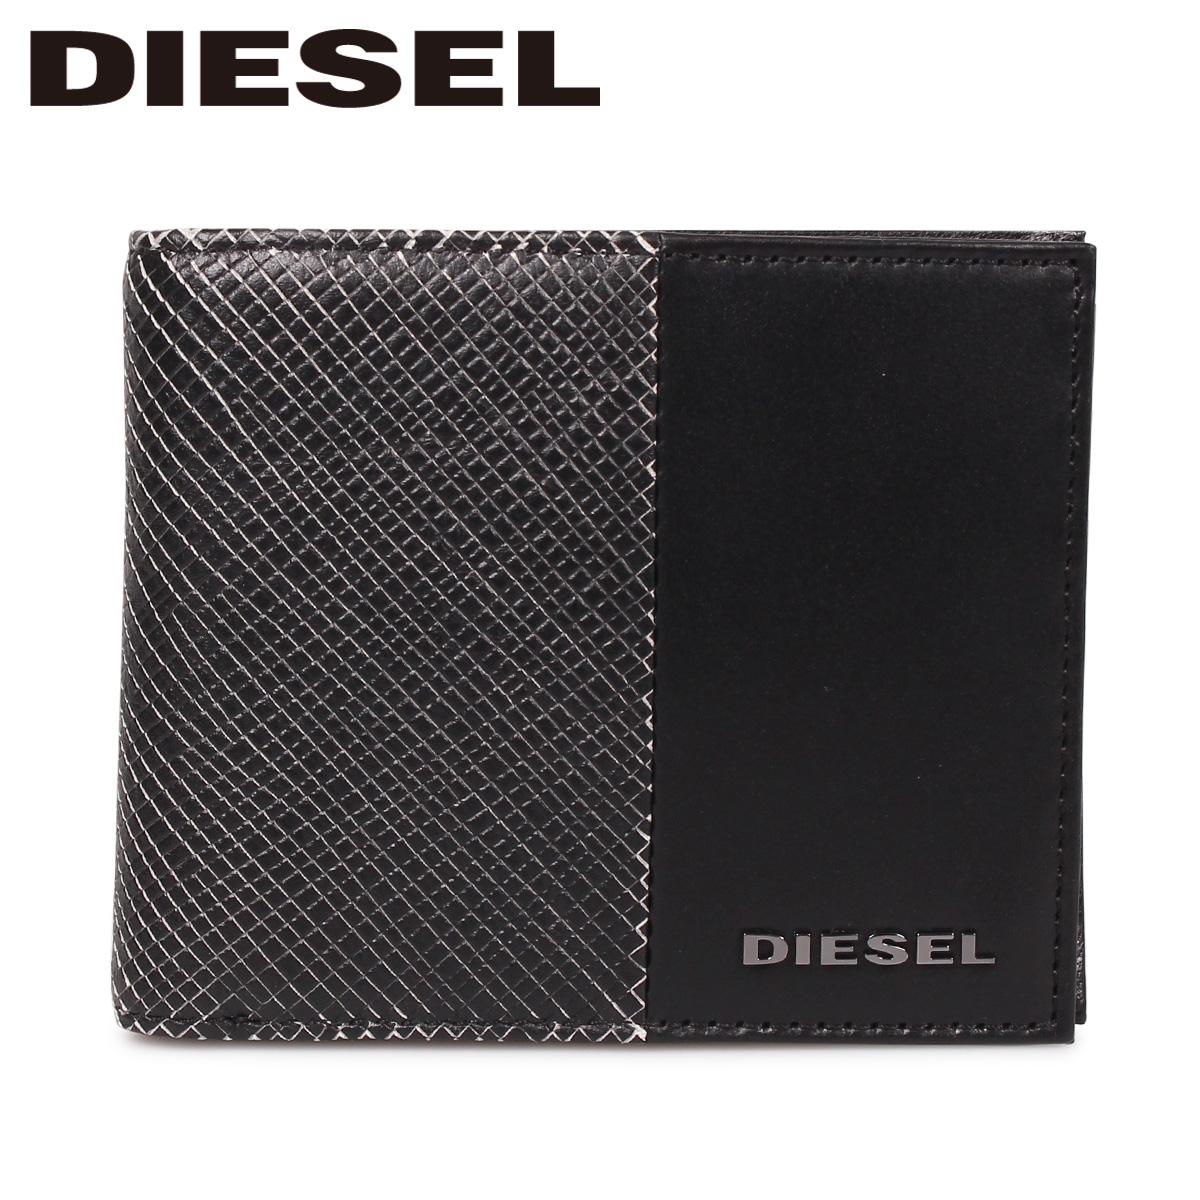 DIESEL ディーゼル 財布 二つ折り メンズ 本革 HIRESH S CALTRANO ブラック 黒 X06311 P0598